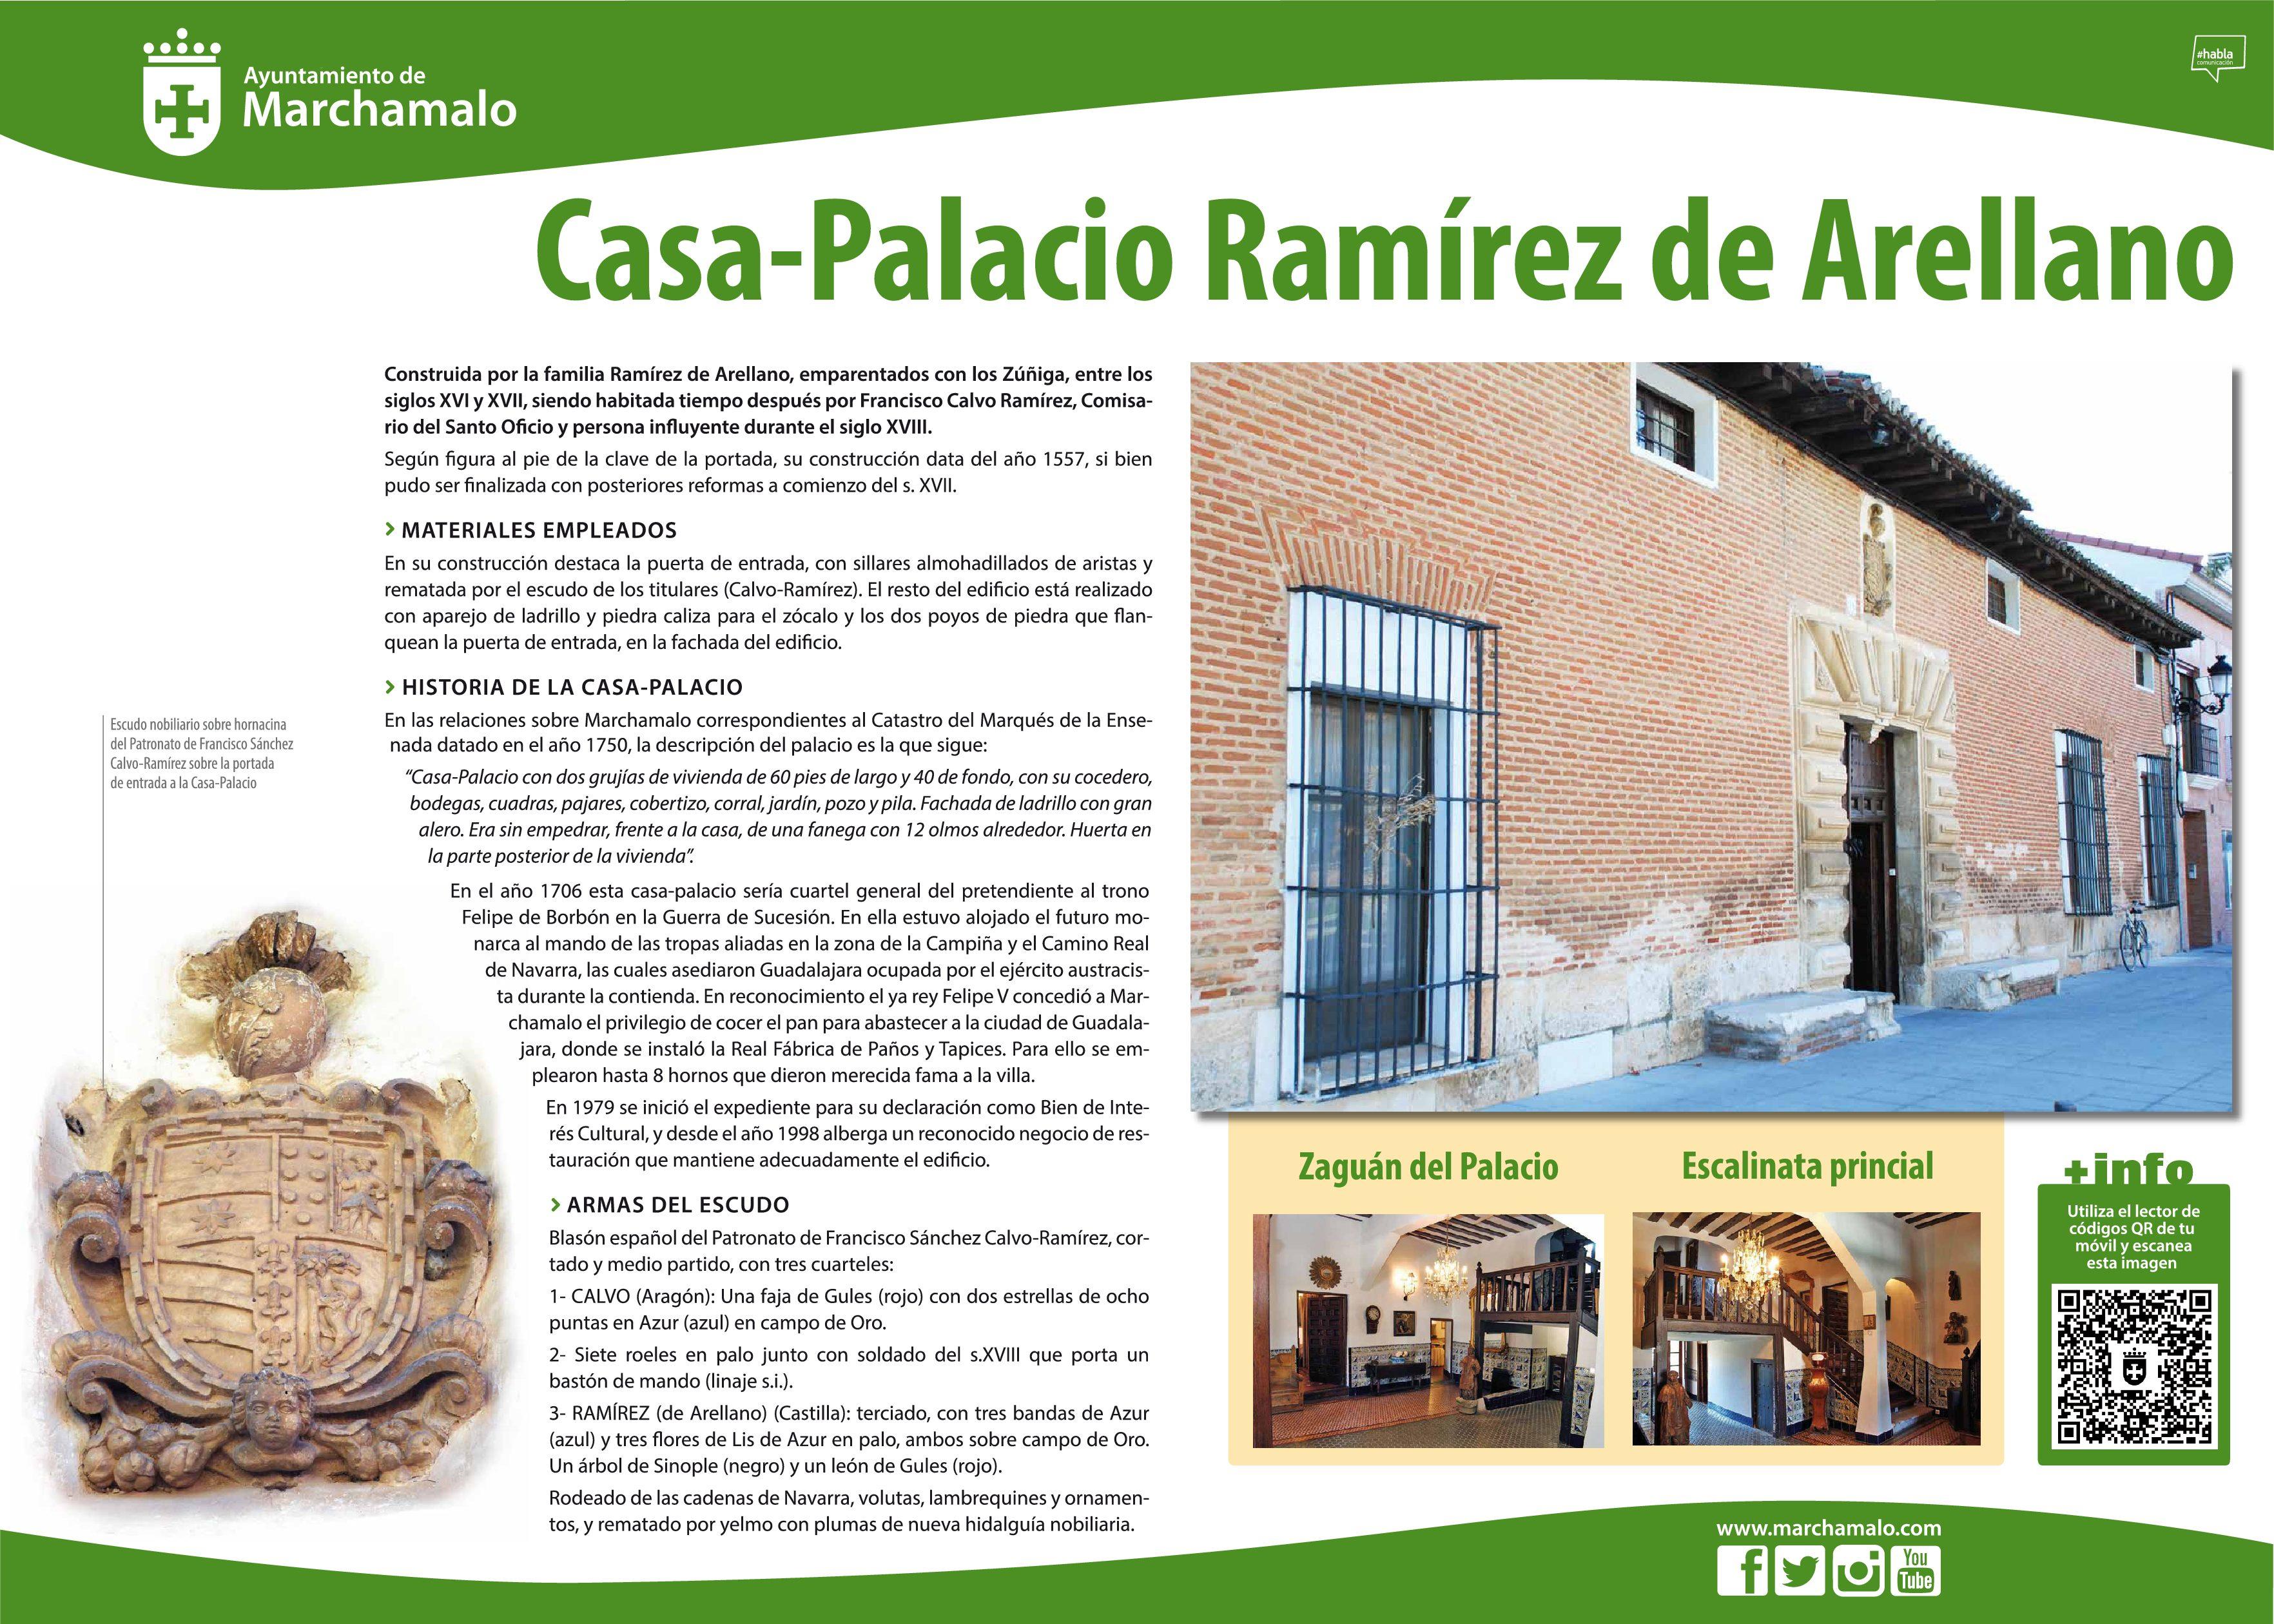 Diseño de la nueva señalética informativa instalada junto a los enclaves históricos de Marchamalo